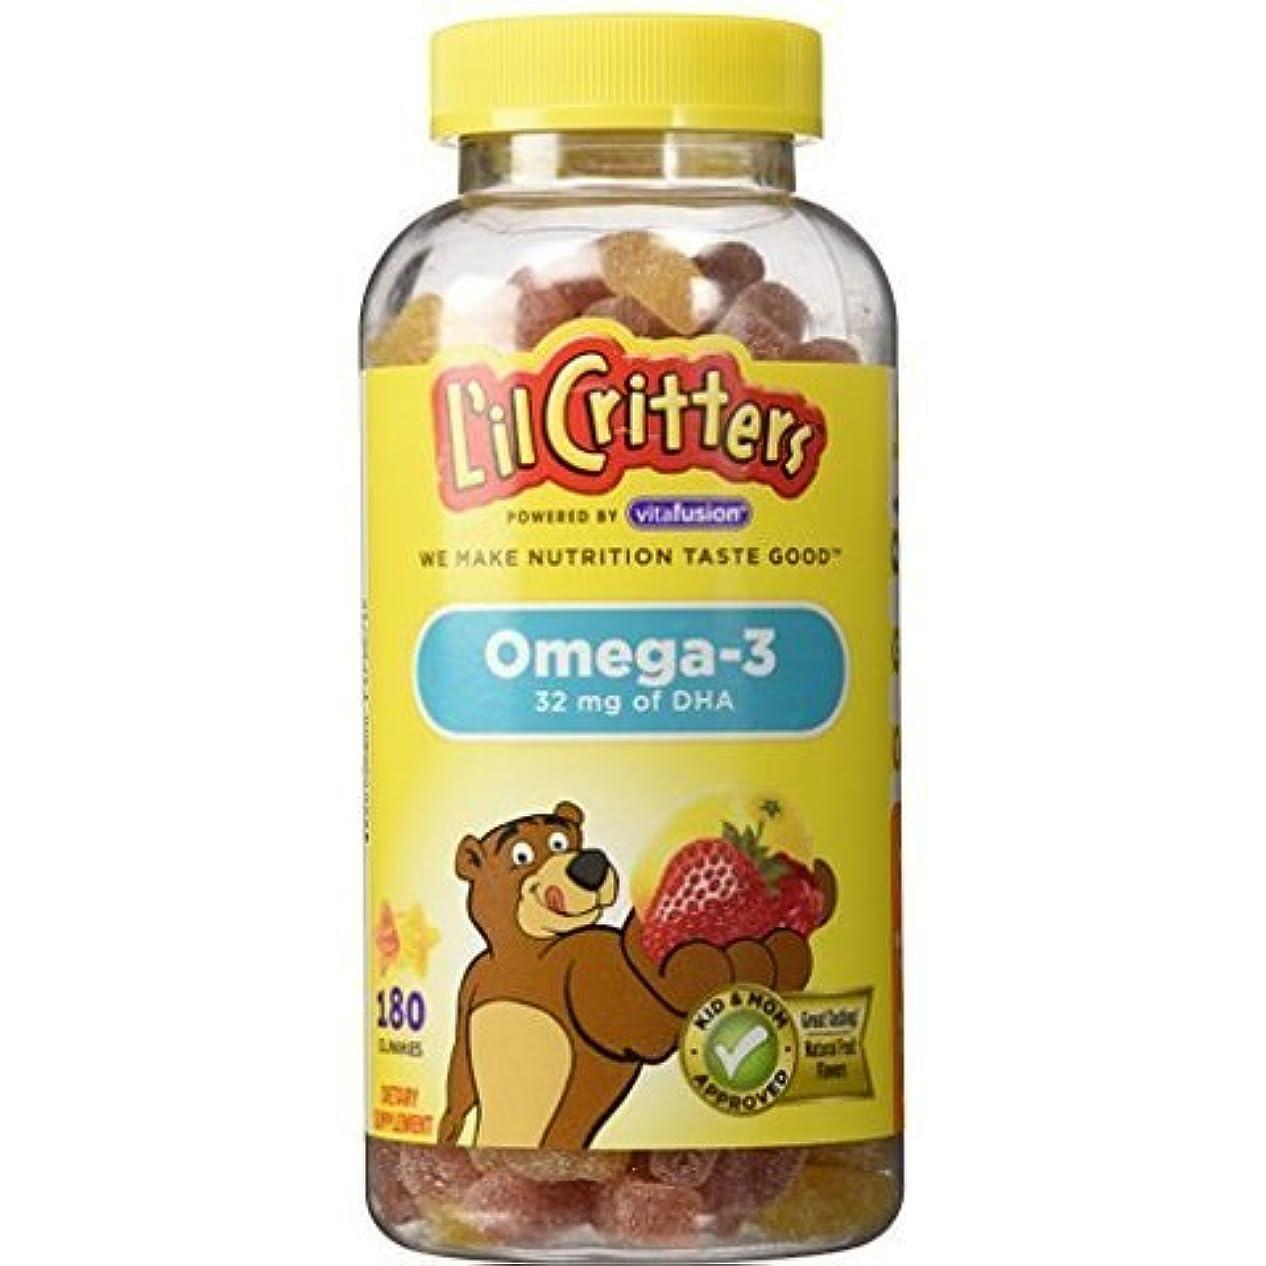 貢献する人差し指測定L'il Critters クルクリターズ 子供用ビタミングミ オメガ3 DHA 180粒 [並行輸入品]